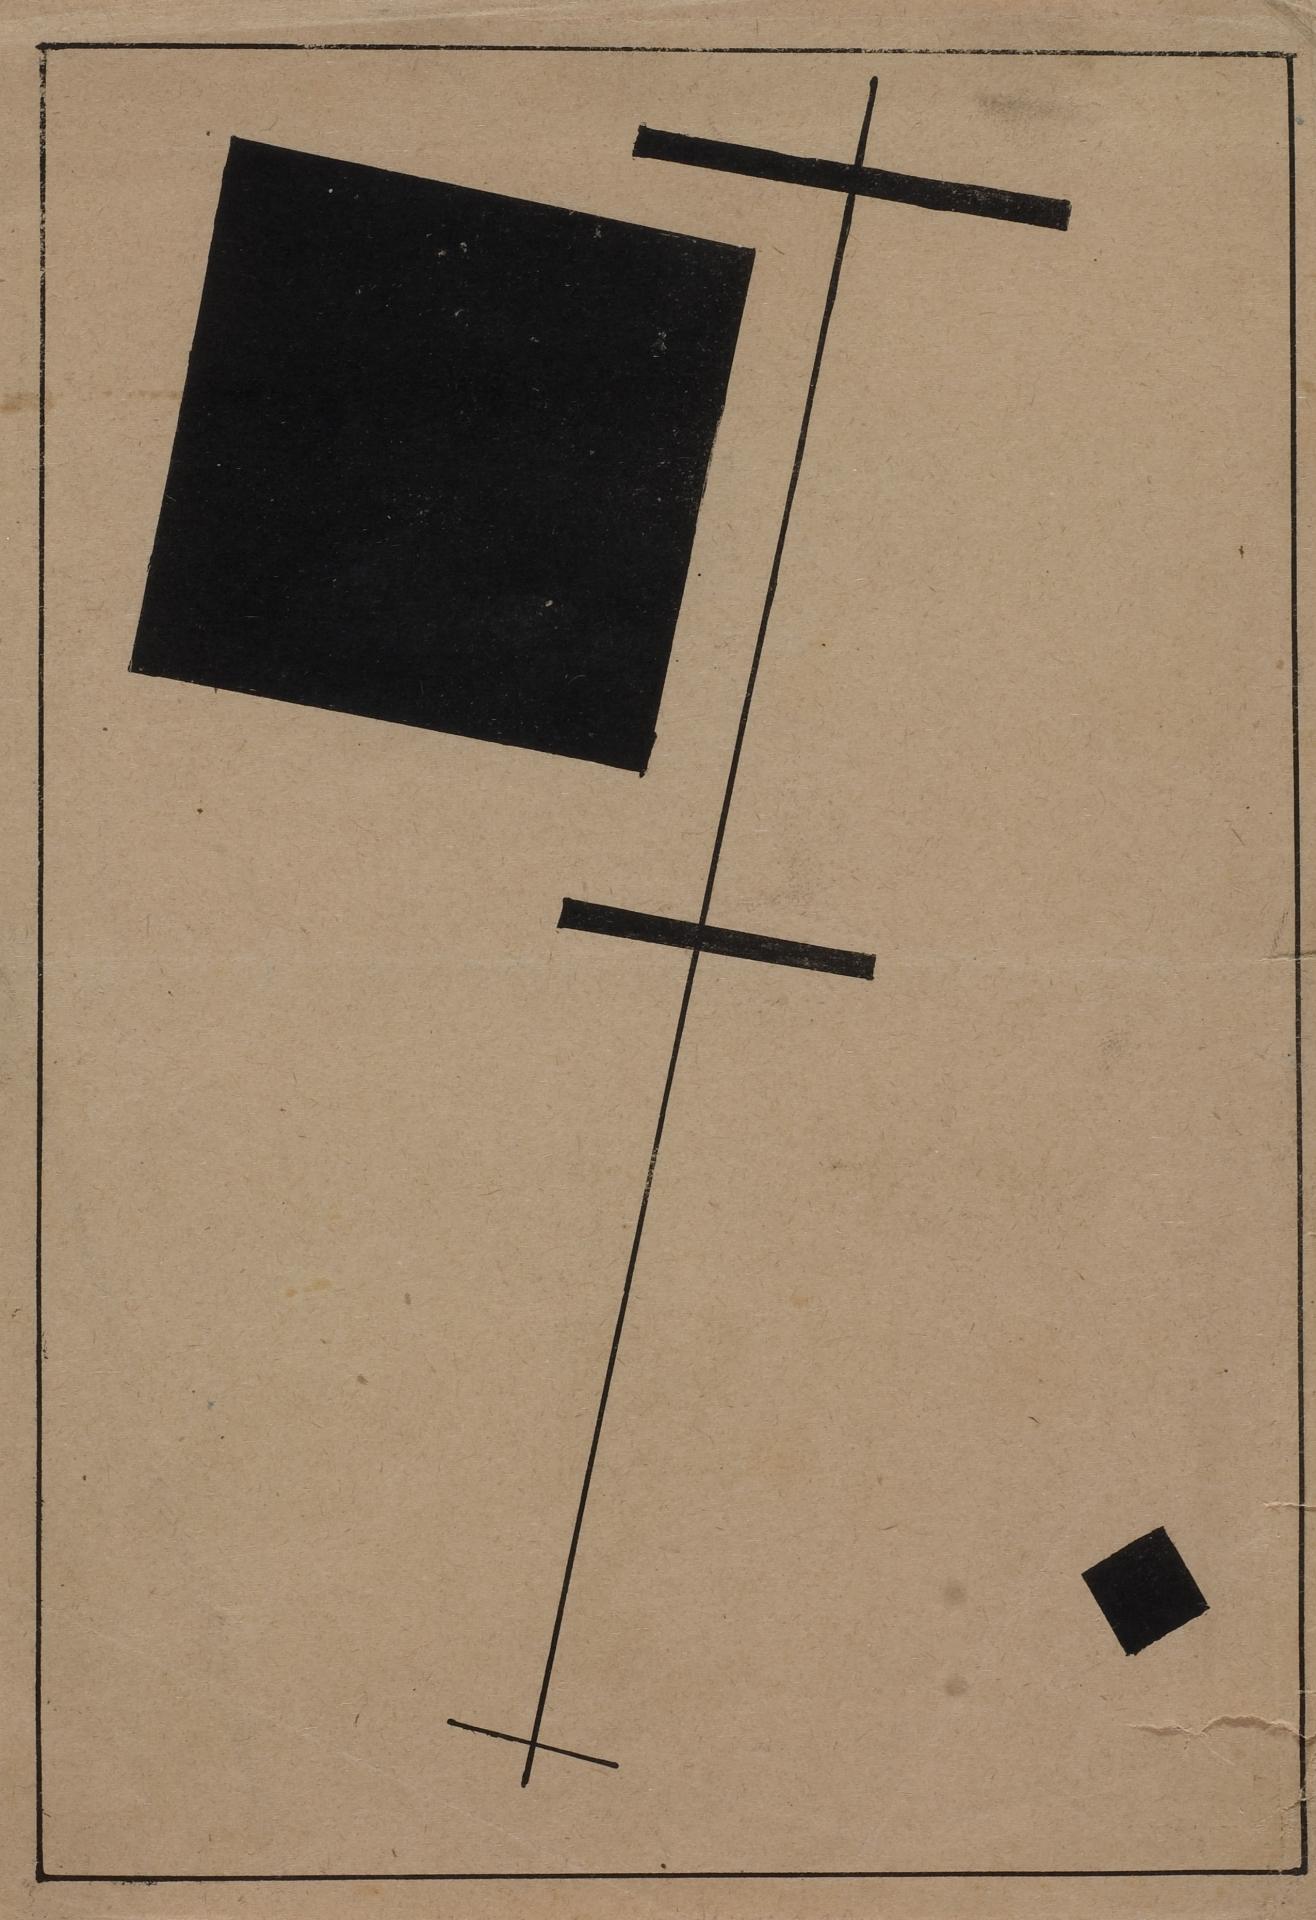 Kazimierz Malewicz, Bez tytułu , ca 1920